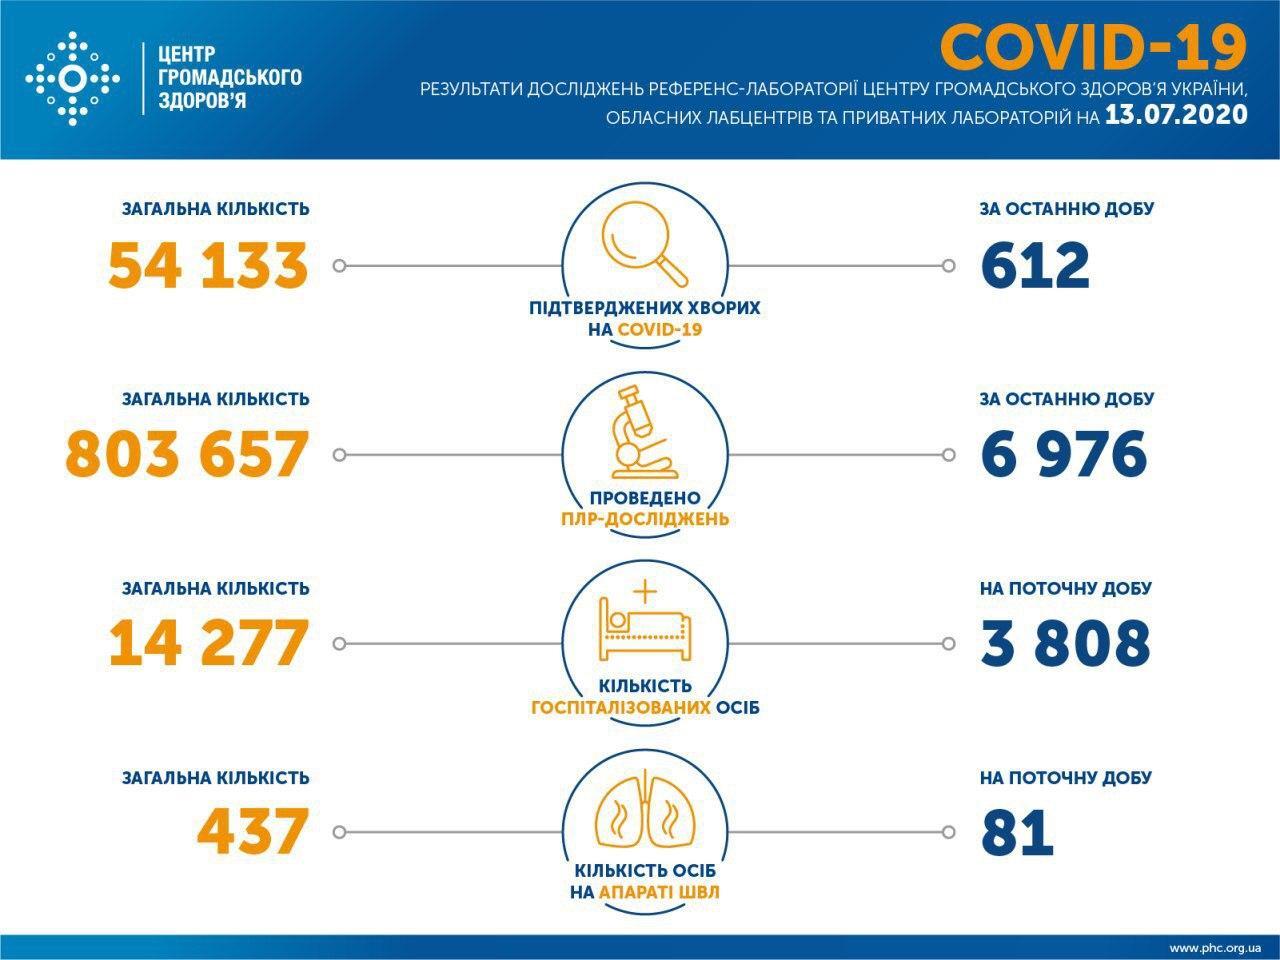 В Україні підтвердили 54 133 випадків COVID-19, за добу – 612